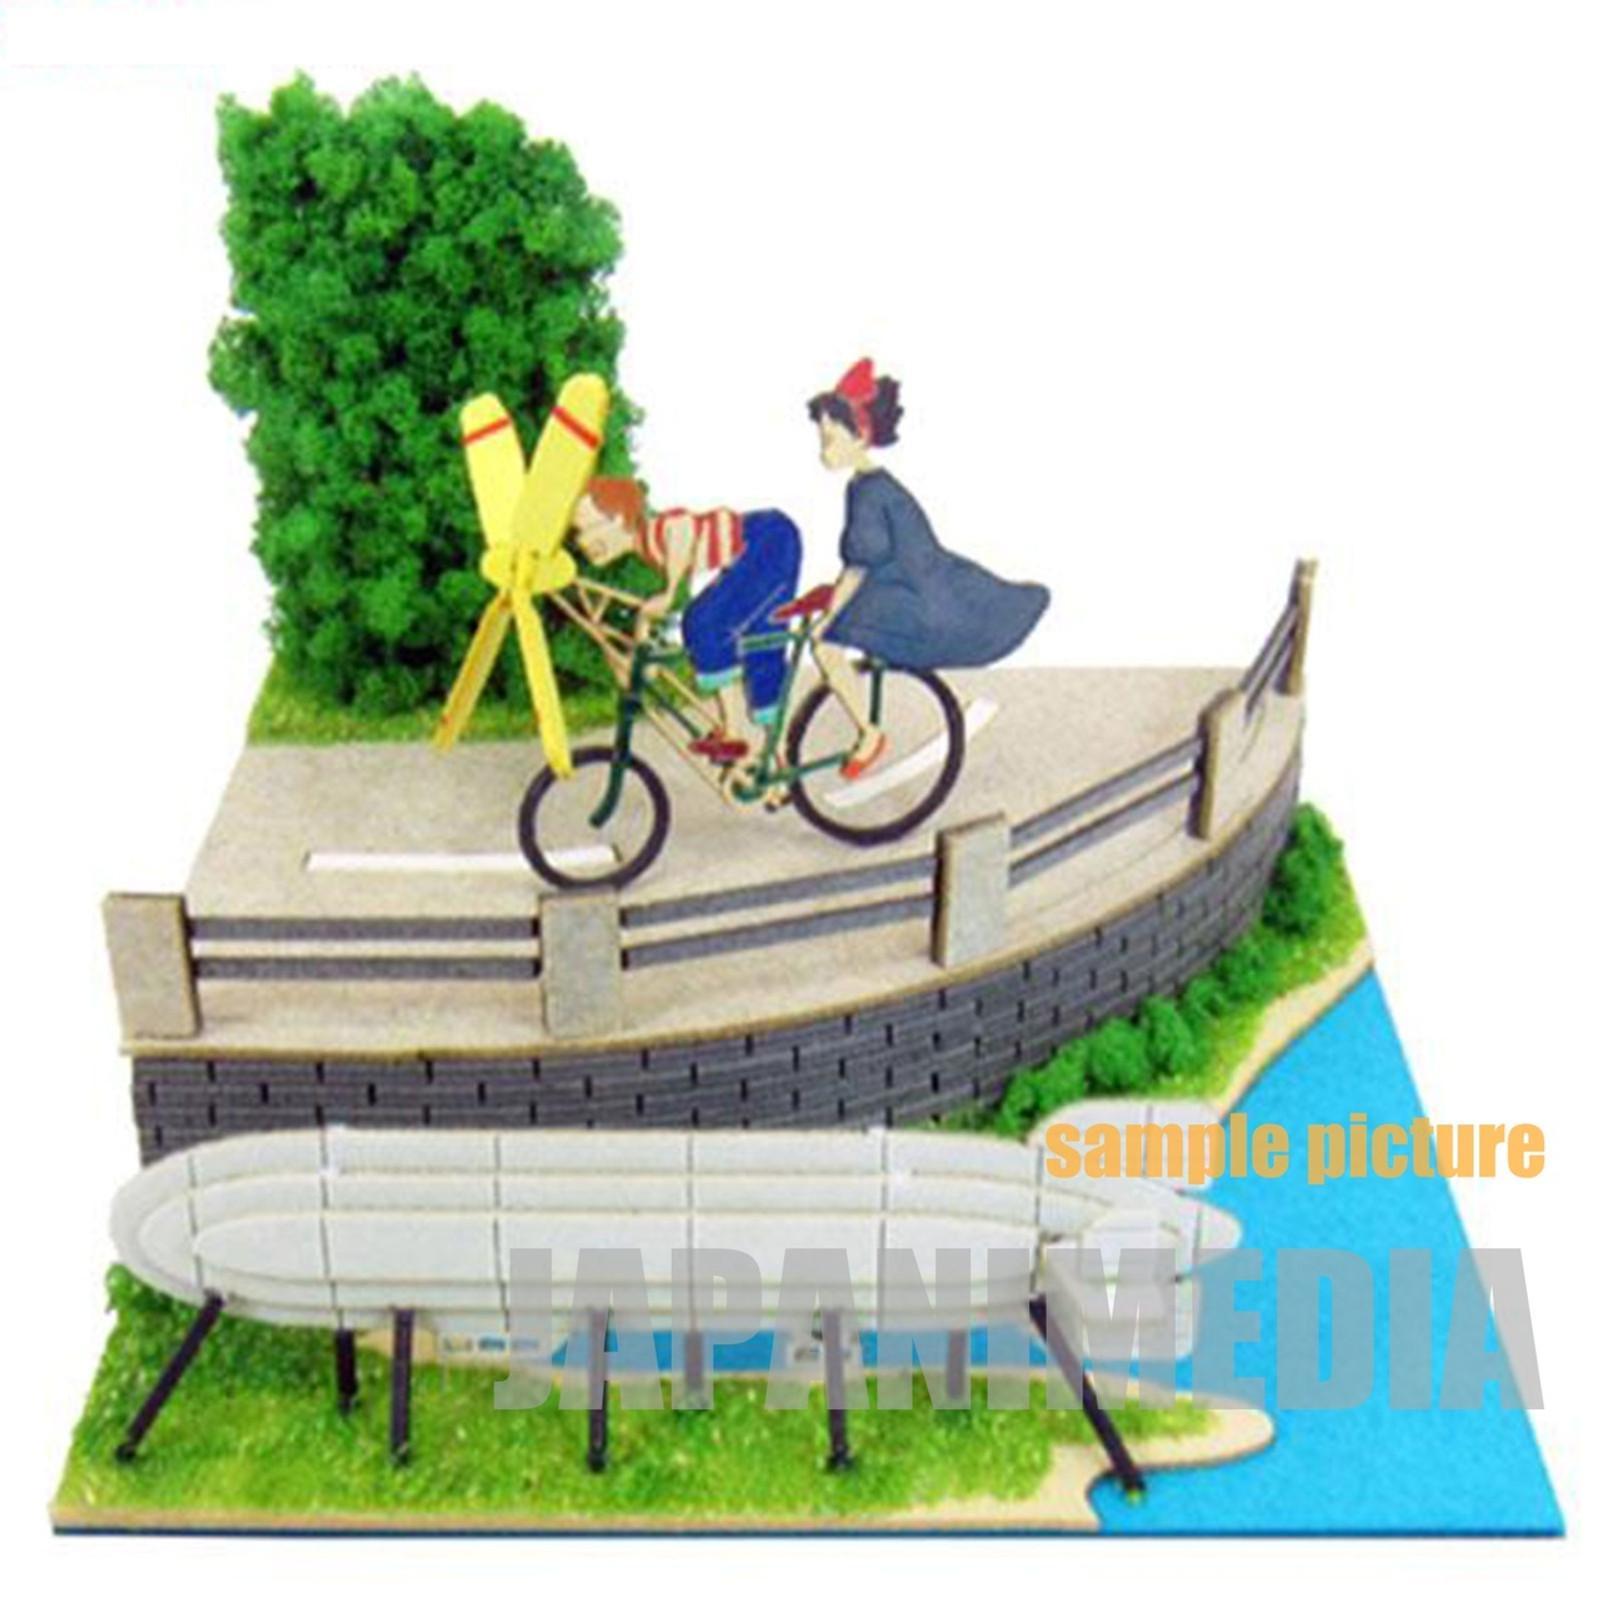 Kiki's Delivery Service Kiki & Tombo Miniatuart Mini #10 Paper-Kit Ghibli JAPAN ANIME